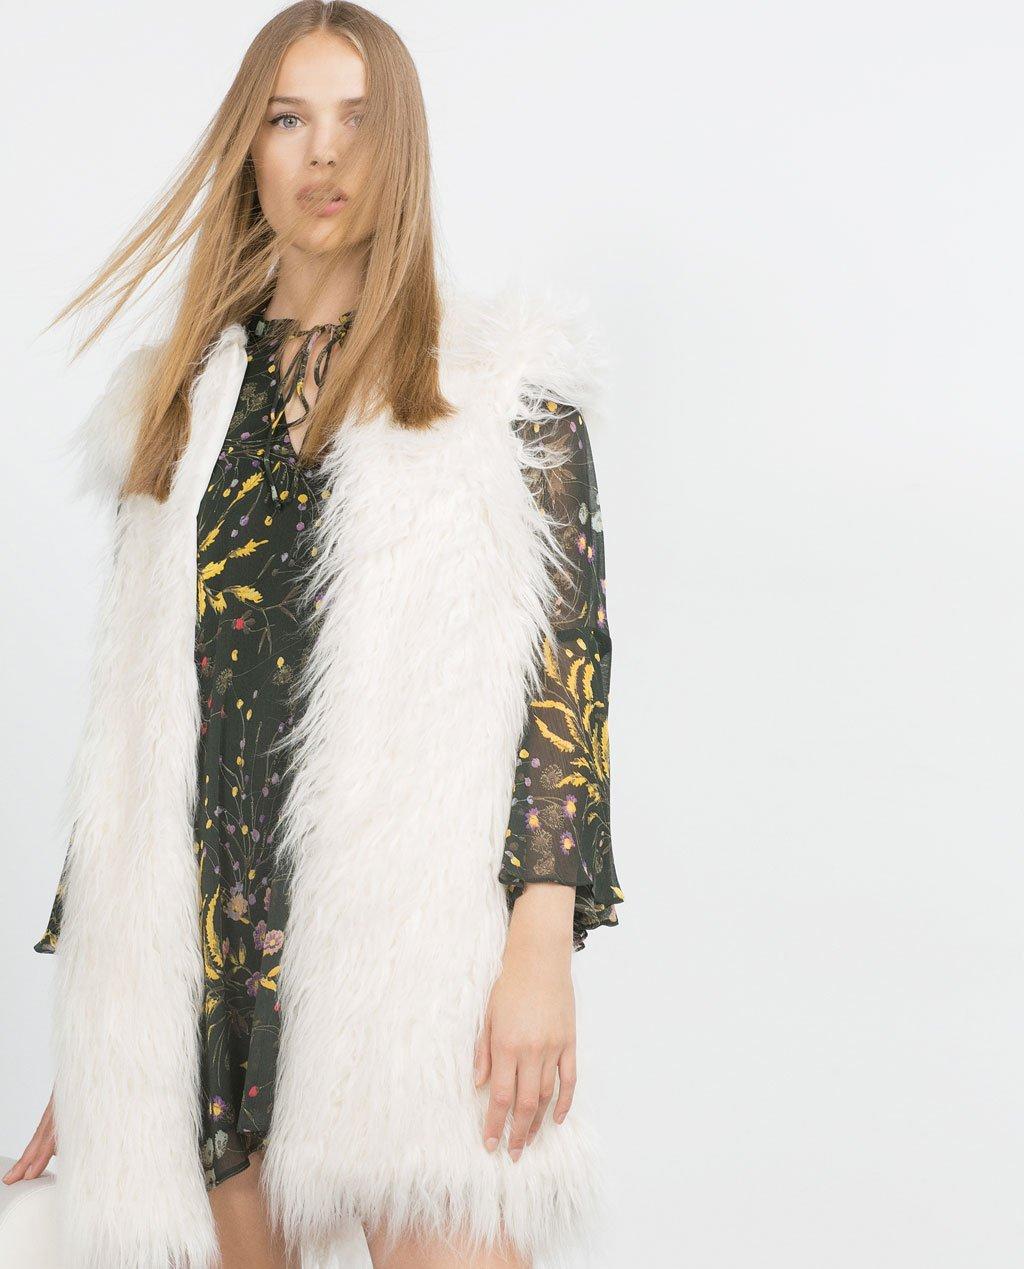 Tendenze-autunno-inverno-2015-Gilet-pelliccia-Zara bianco